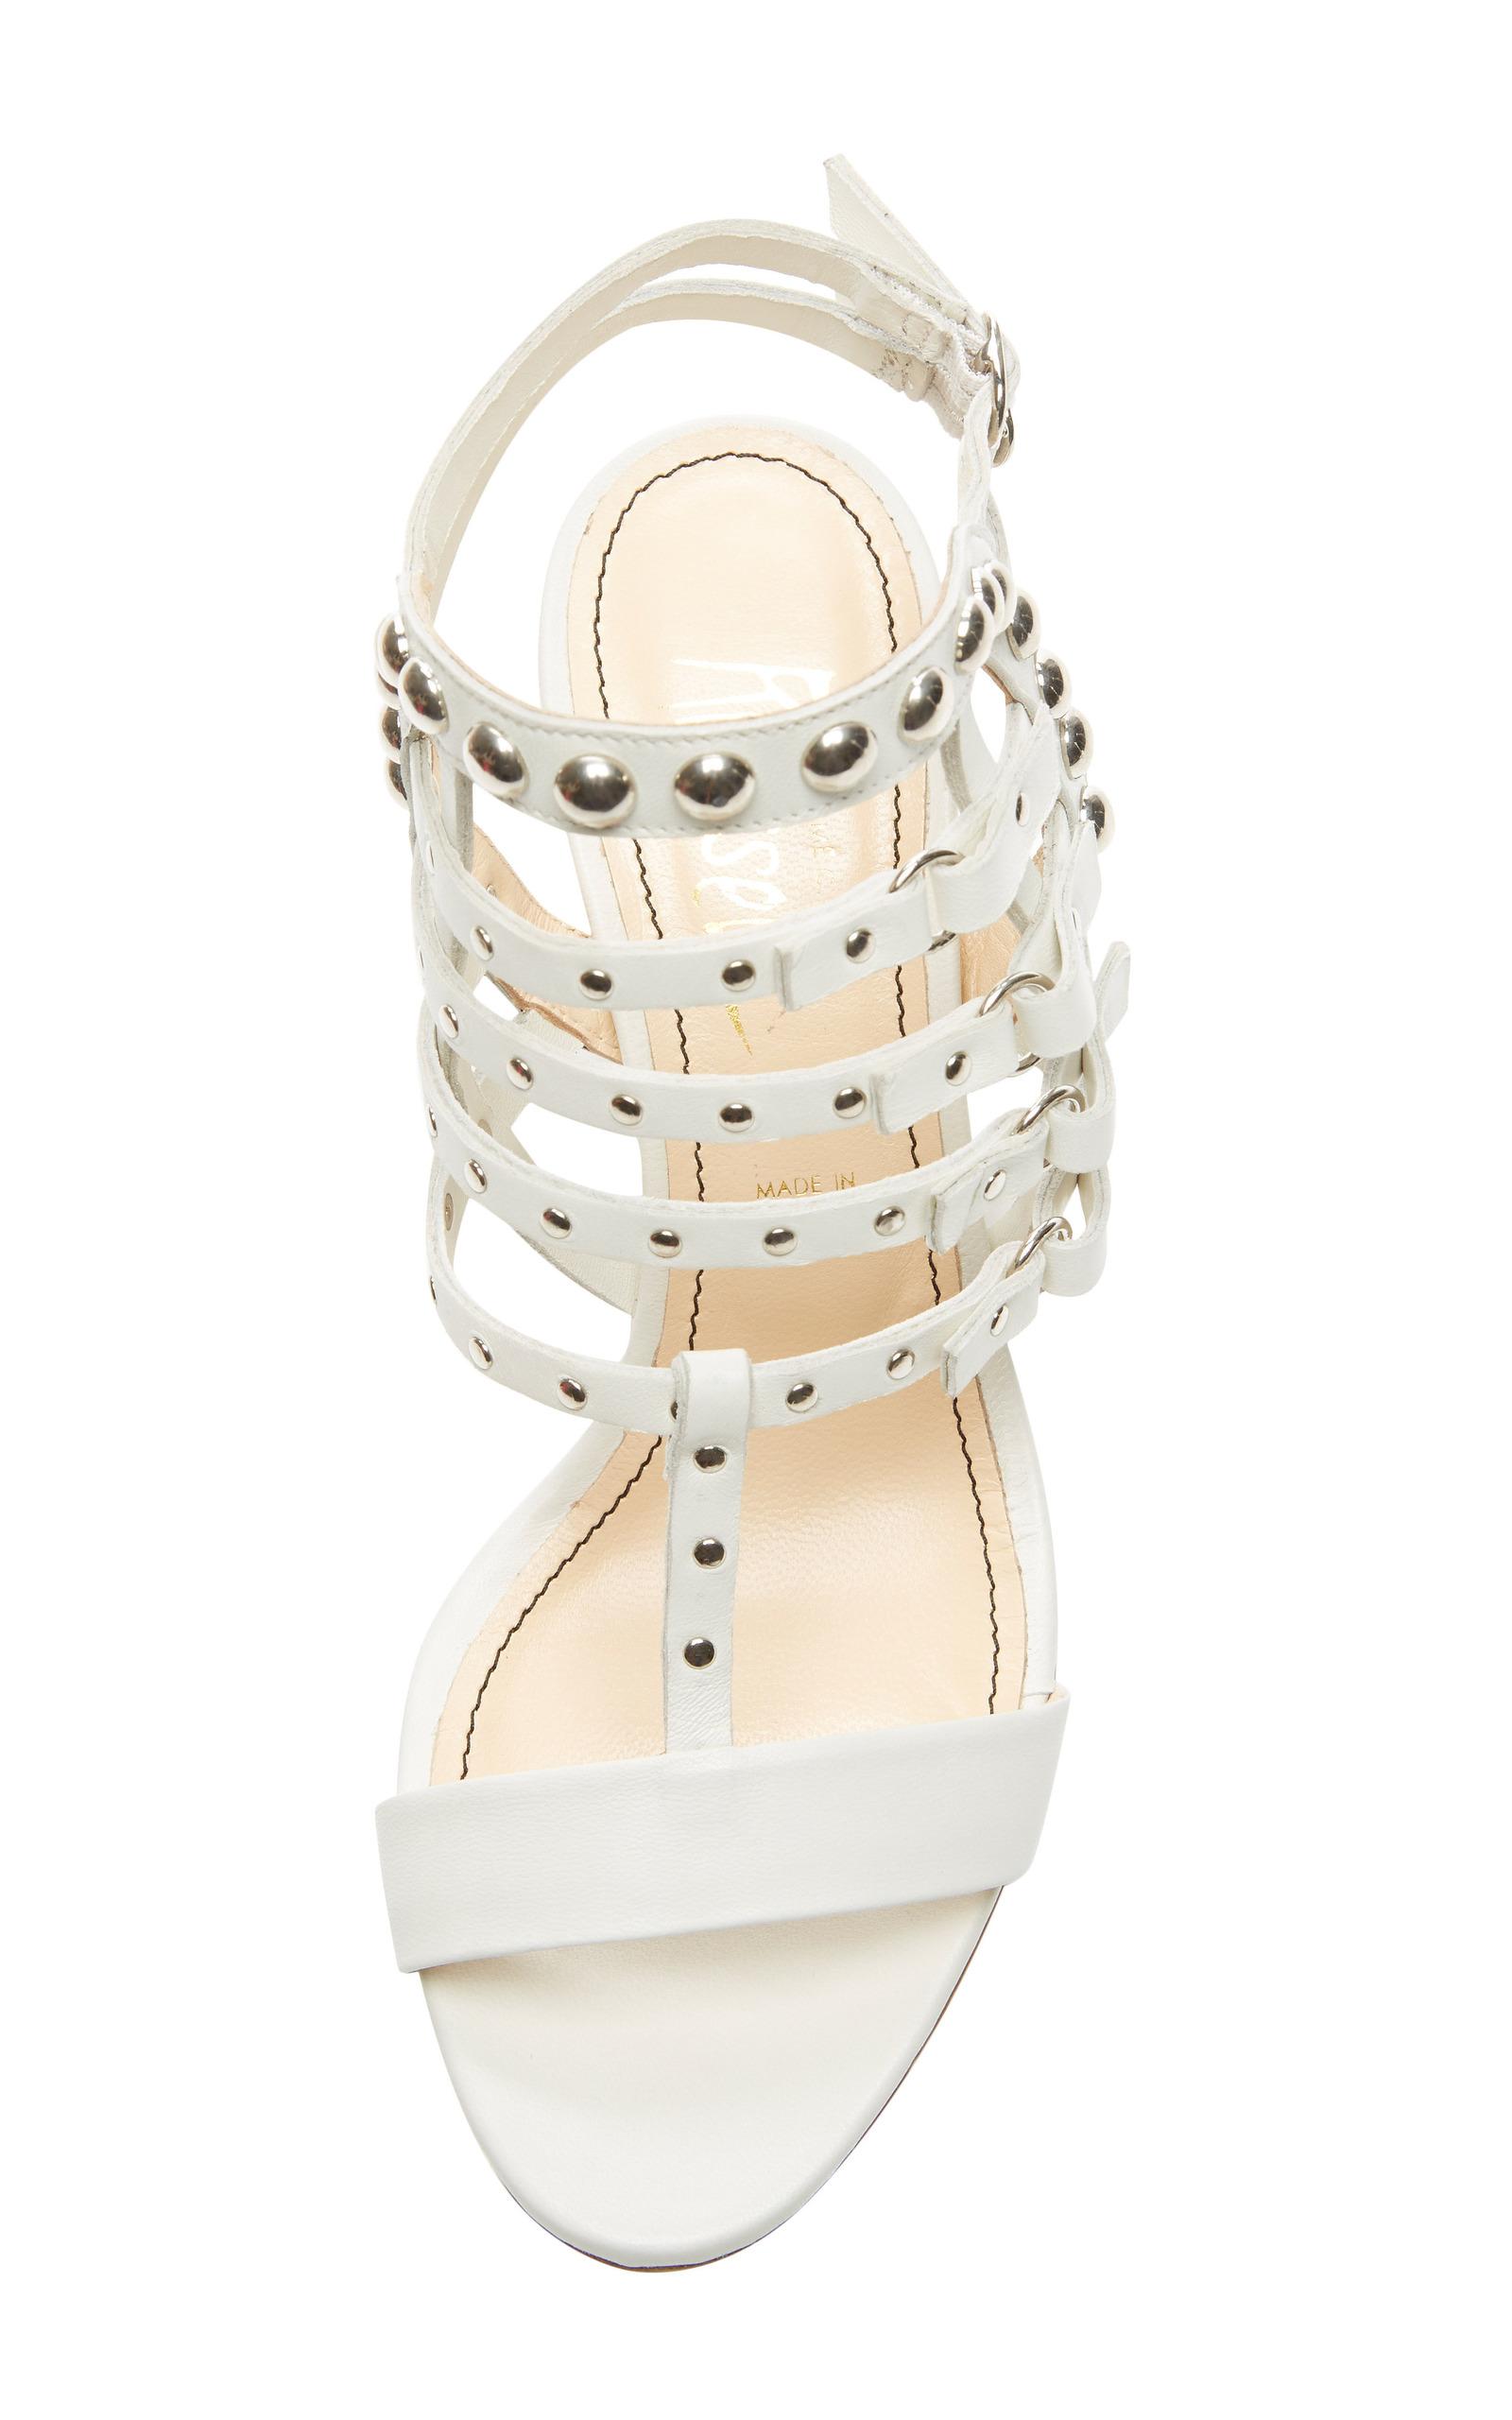 cd33040dc6e Jerome C. RousseauCamden Kitten Heel Sandal In White. CLOSE. Loading